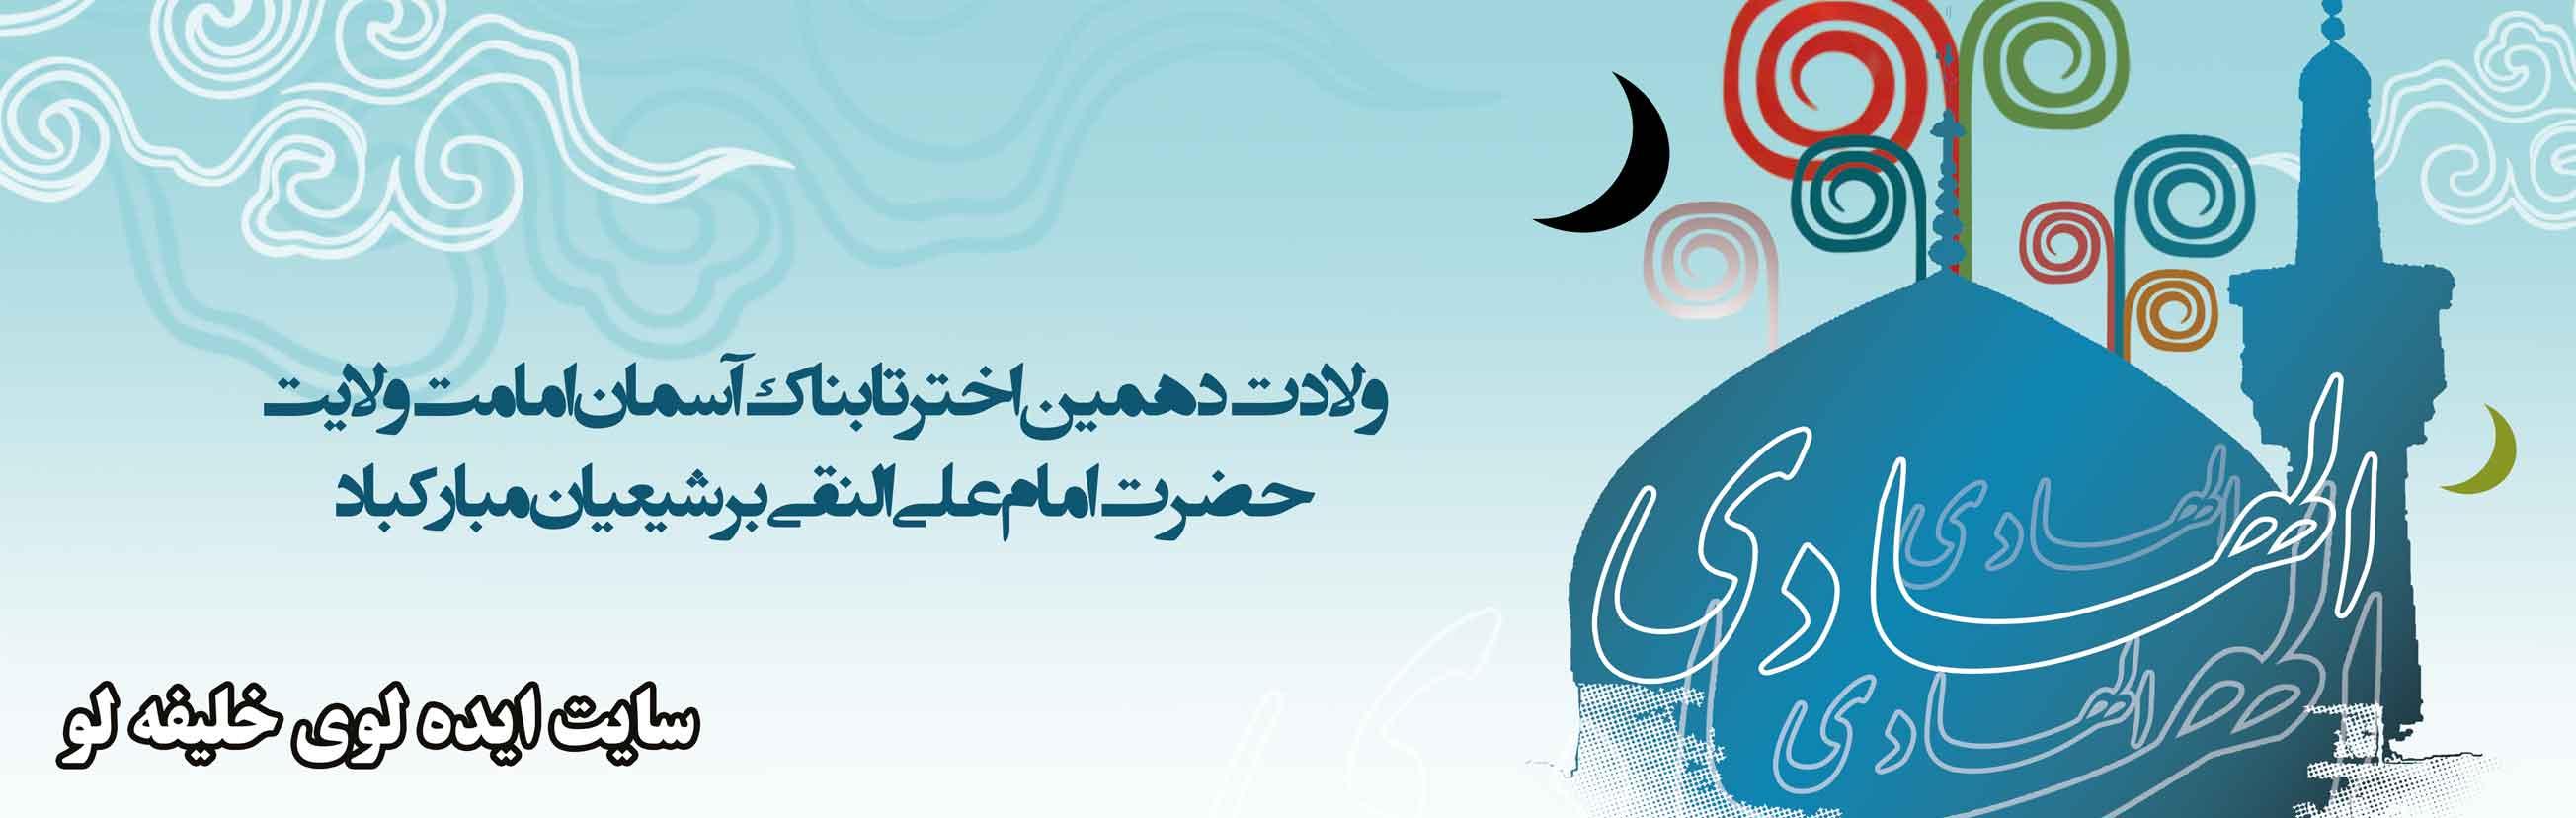 میلاد امام هادی (ع) مبارک باد